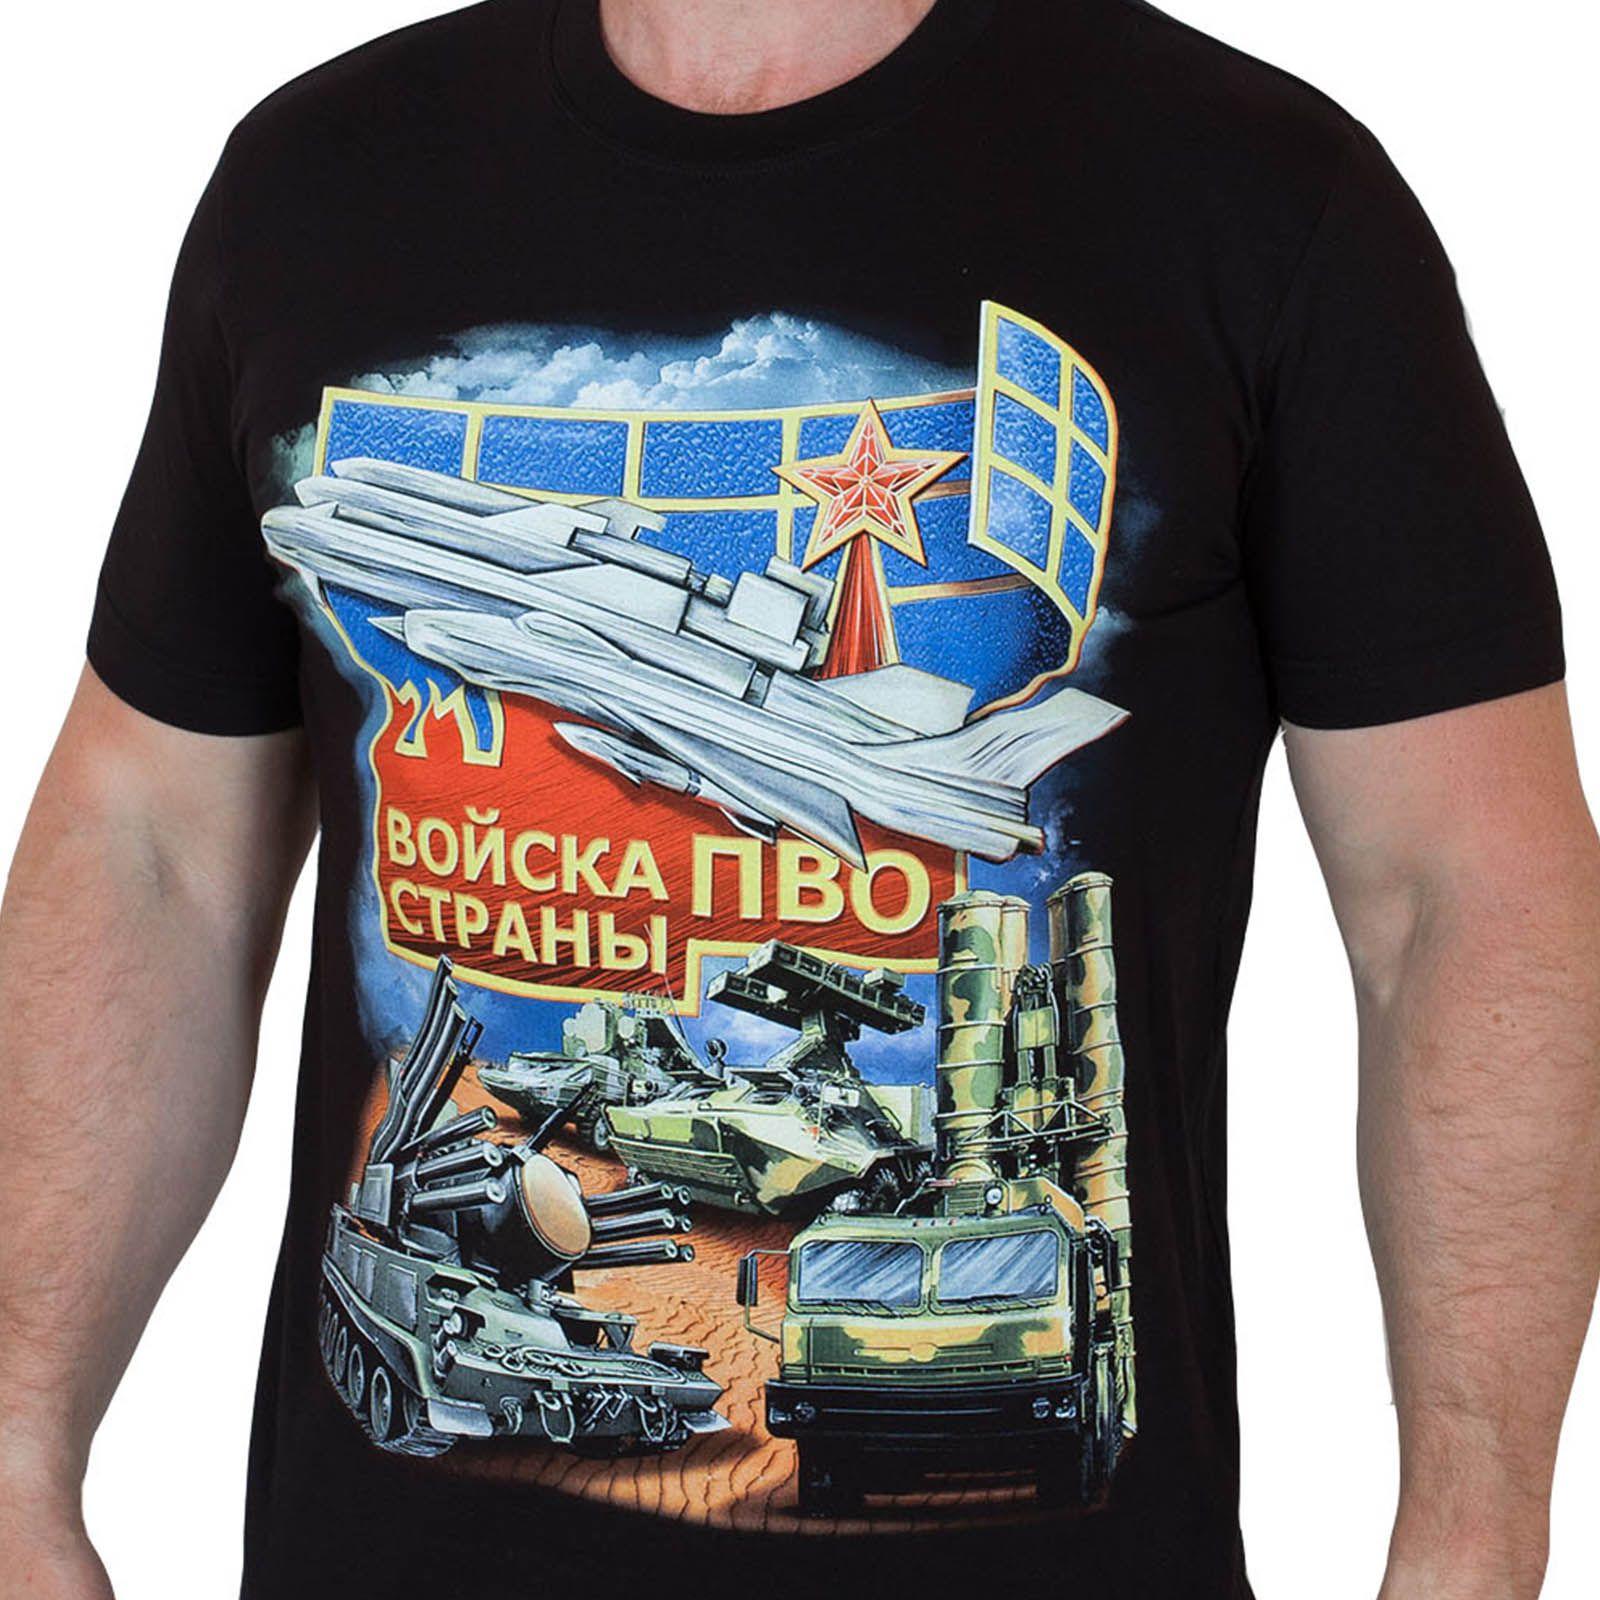 Футболки ПВО в Военпро - все размеры и типы дизайна